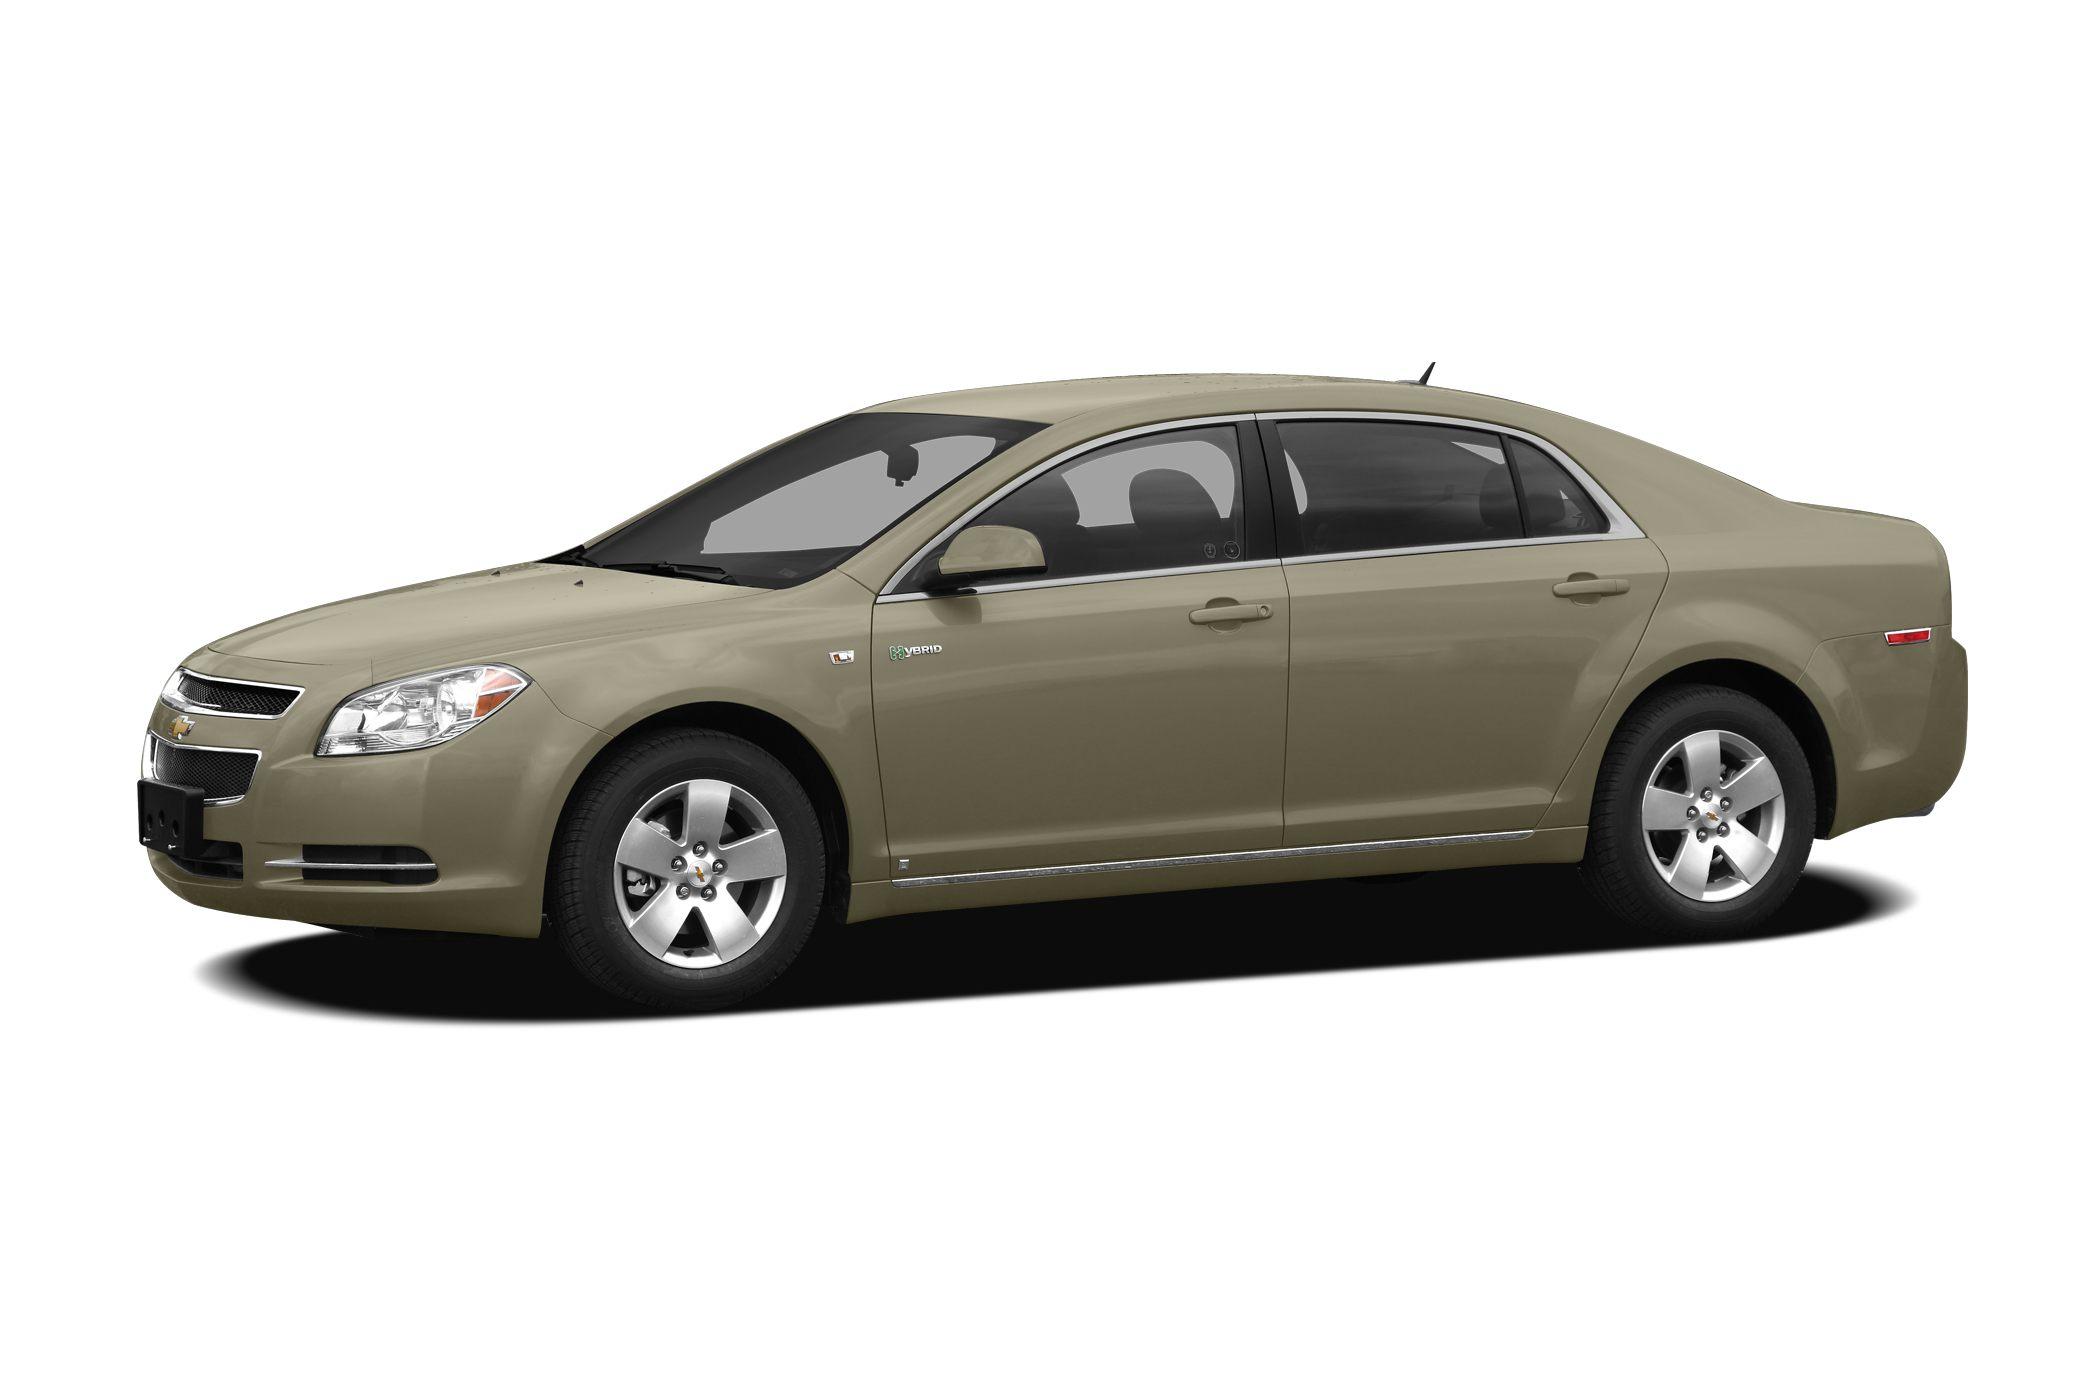 2009 Chevrolet Malibu Hybrid Safety Recalls